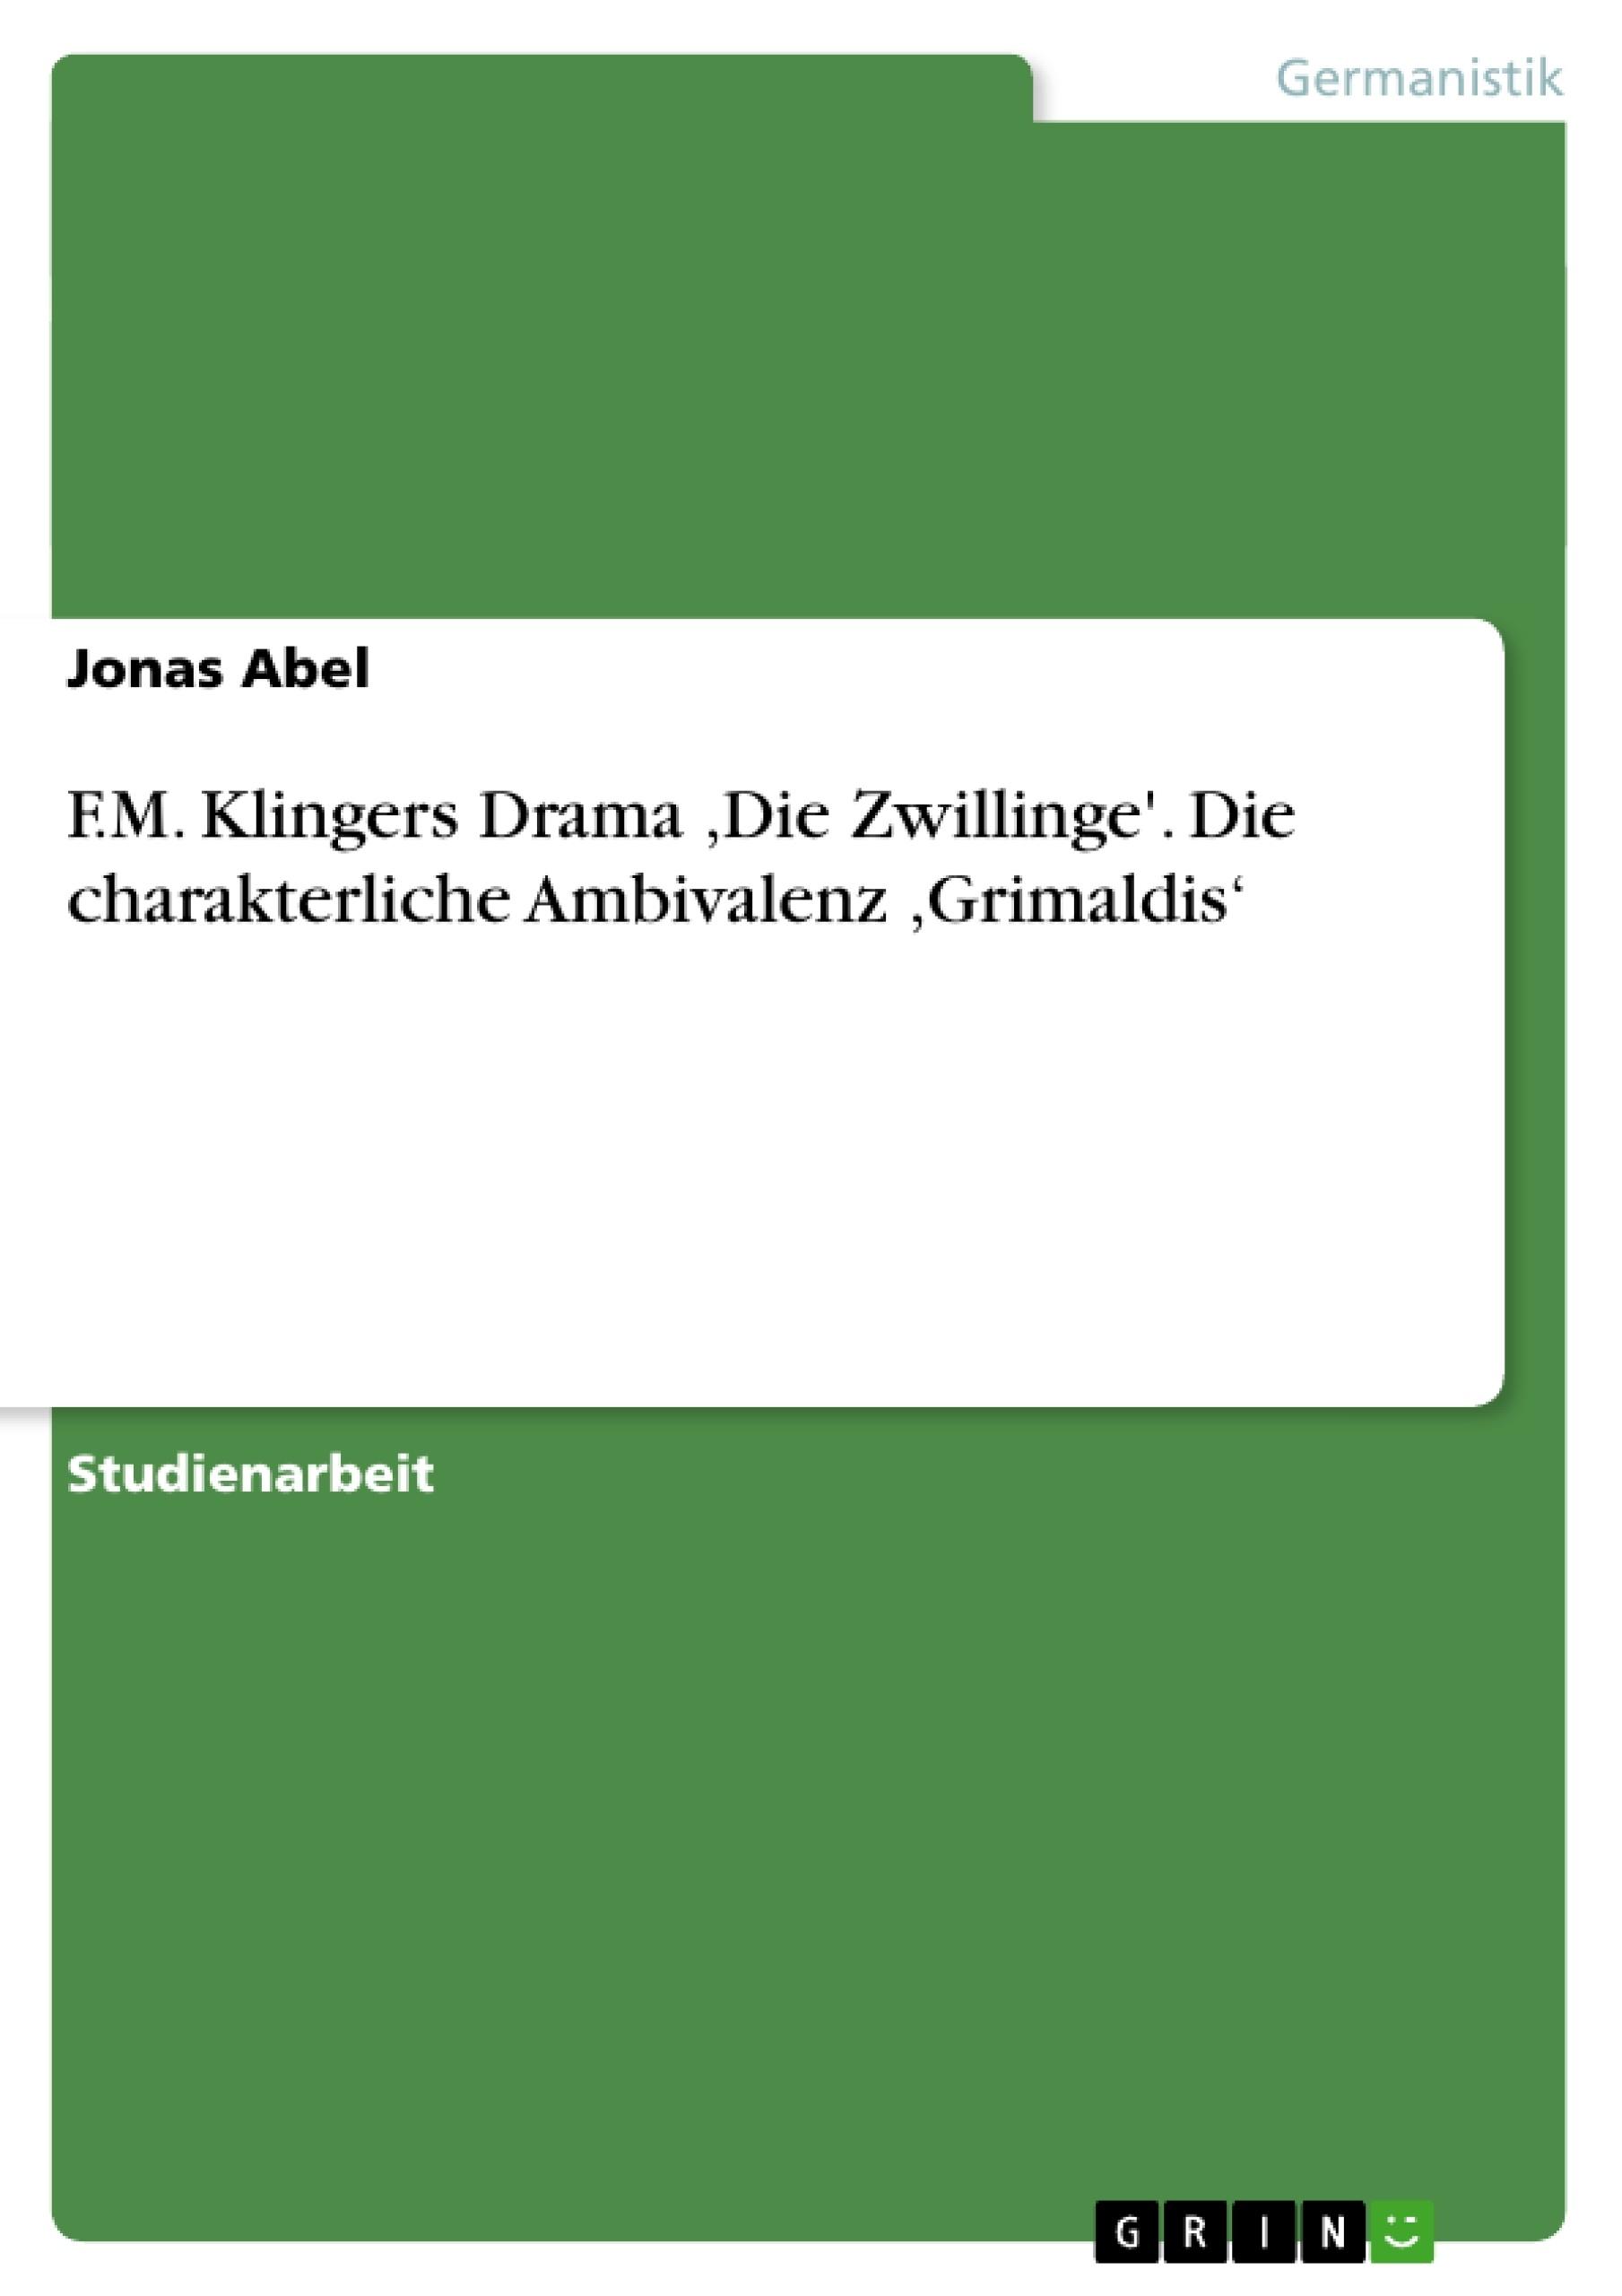 Titel: F.M. Klingers Drama ,Die Zwillinge'. Die charakterliche Ambivalenz ,Grimaldis'